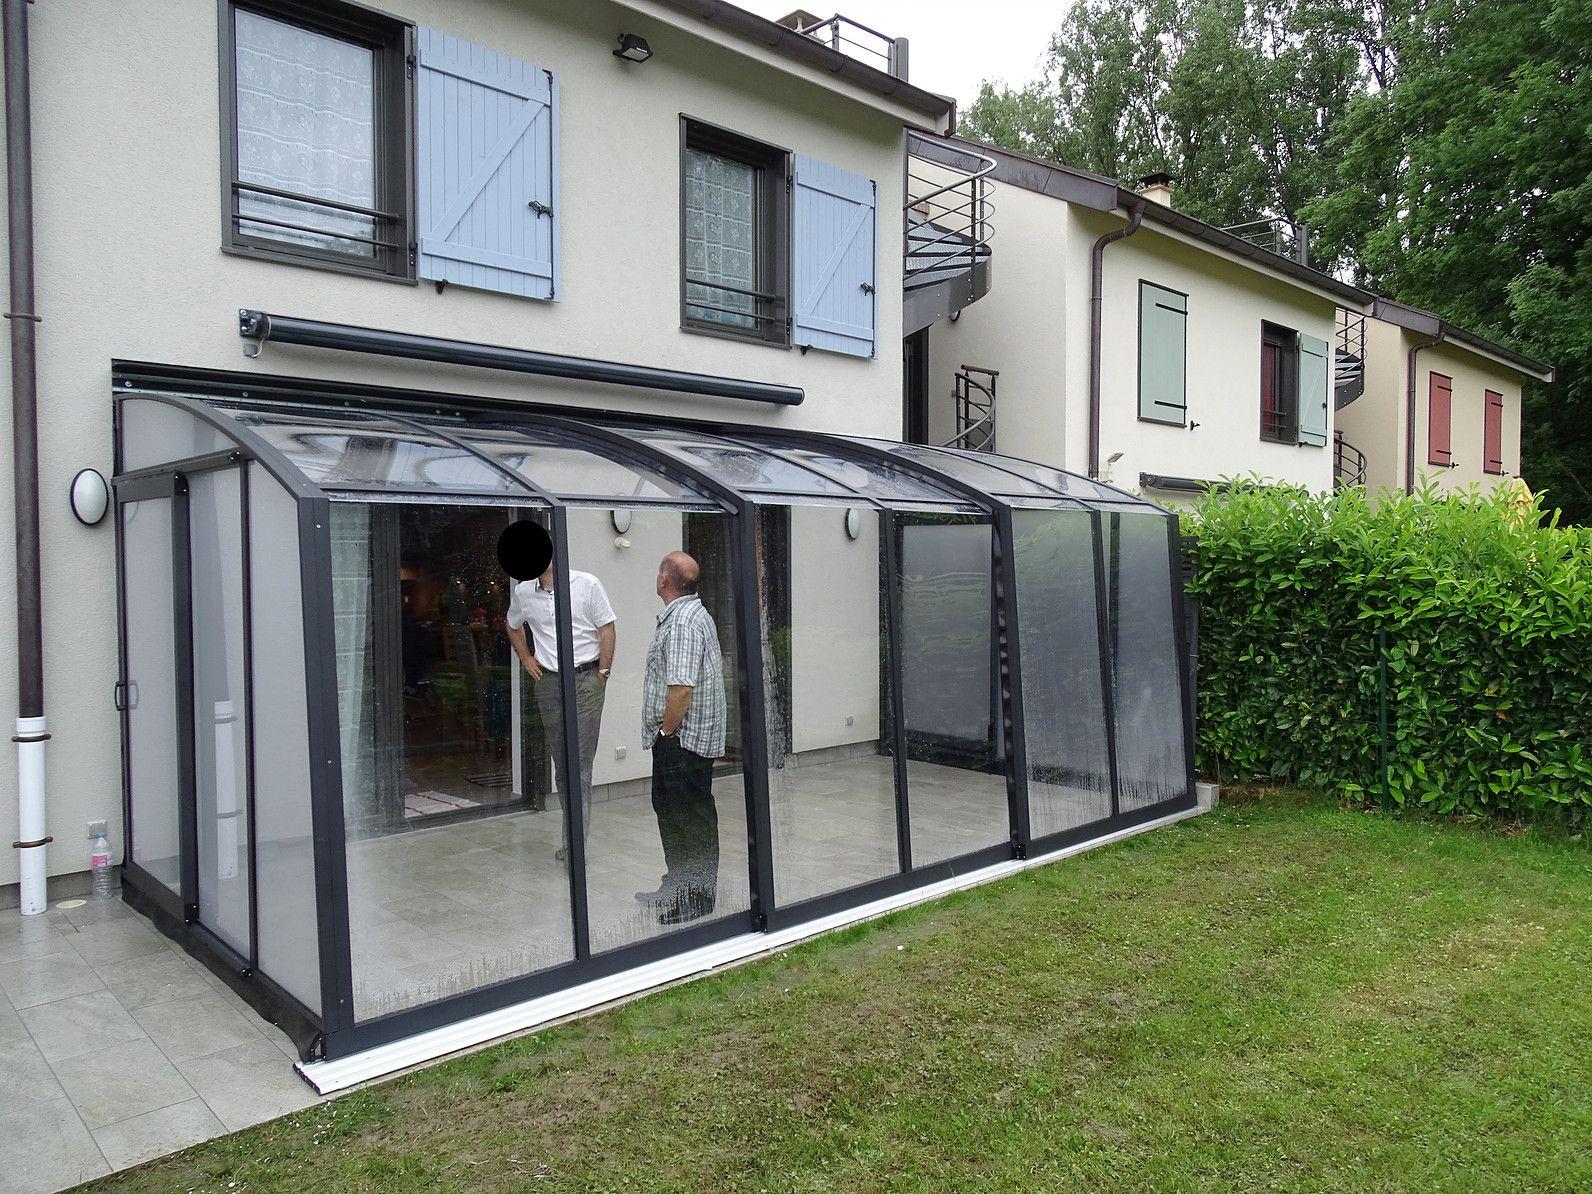 Abris Terrasse Aluminium Coulissant | Abri Terrasse ... destiné Abri De Terrasse Coulissant